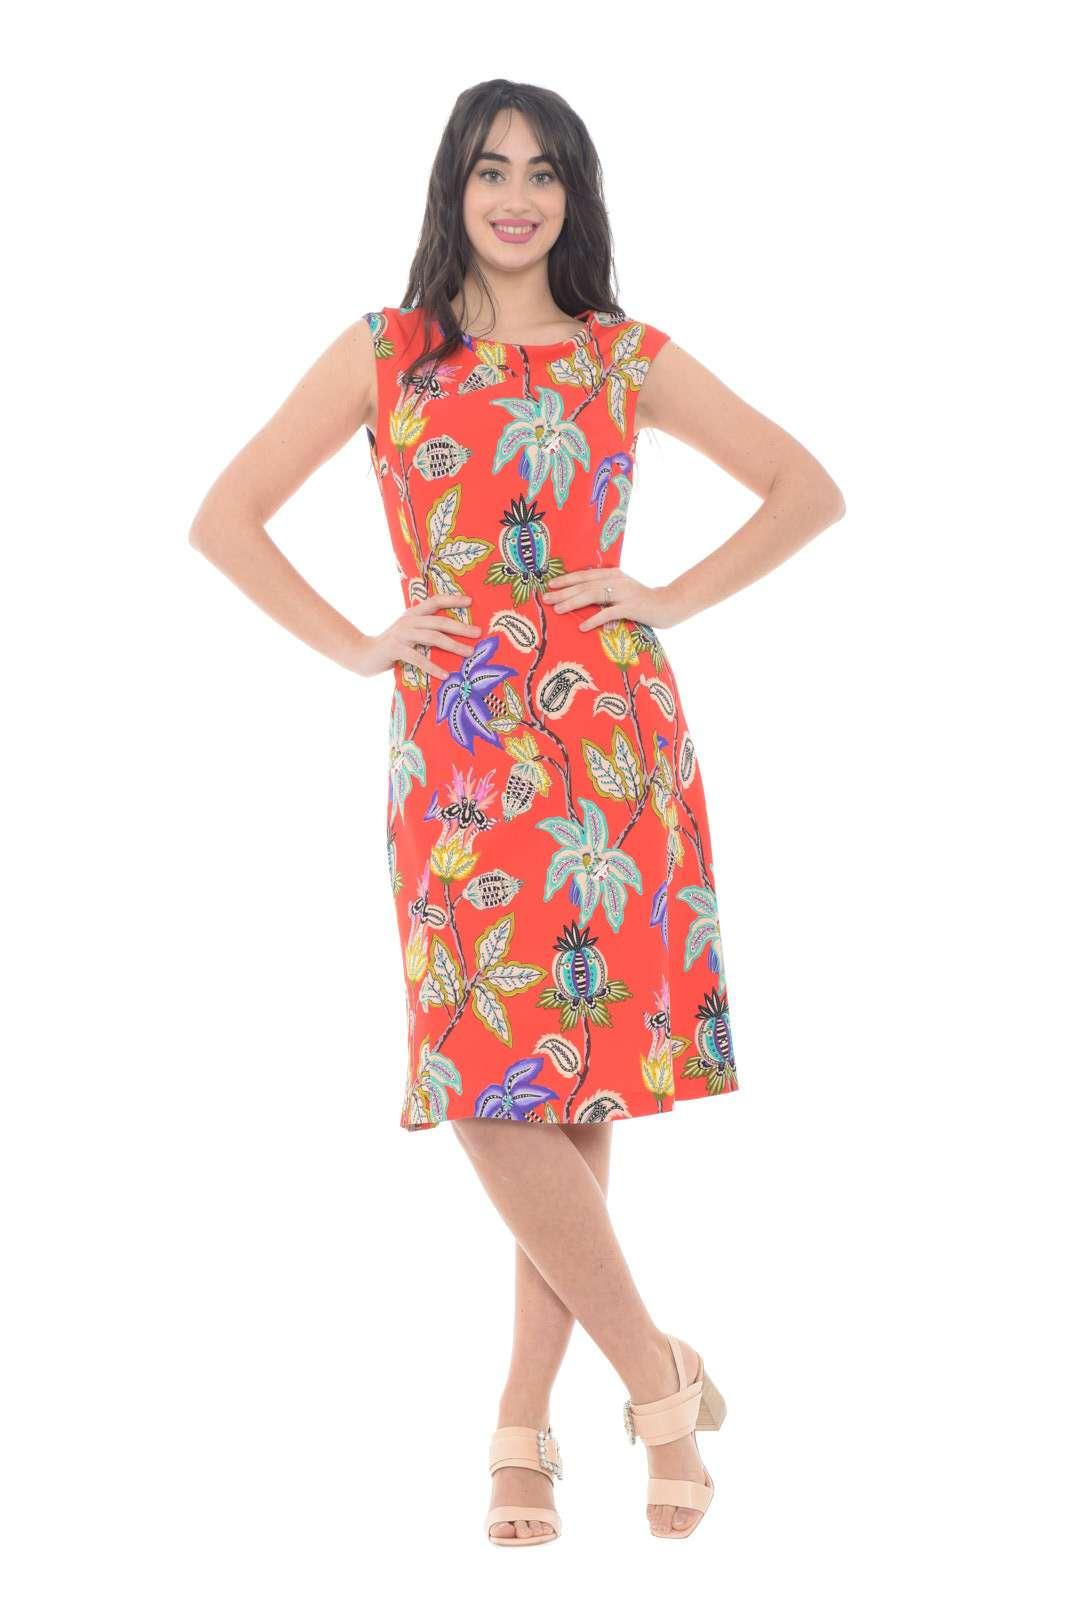 Un abito di classe quello firmato Etro, perfetto per la donna che ama stile contemporaneo e cura dei dettagli. La fantasia colorata e vivace, lo rende perfetto per look estivi accesi e trendy. Da abbinare ad un tacco, per outfit glamour in ogni evenienza.